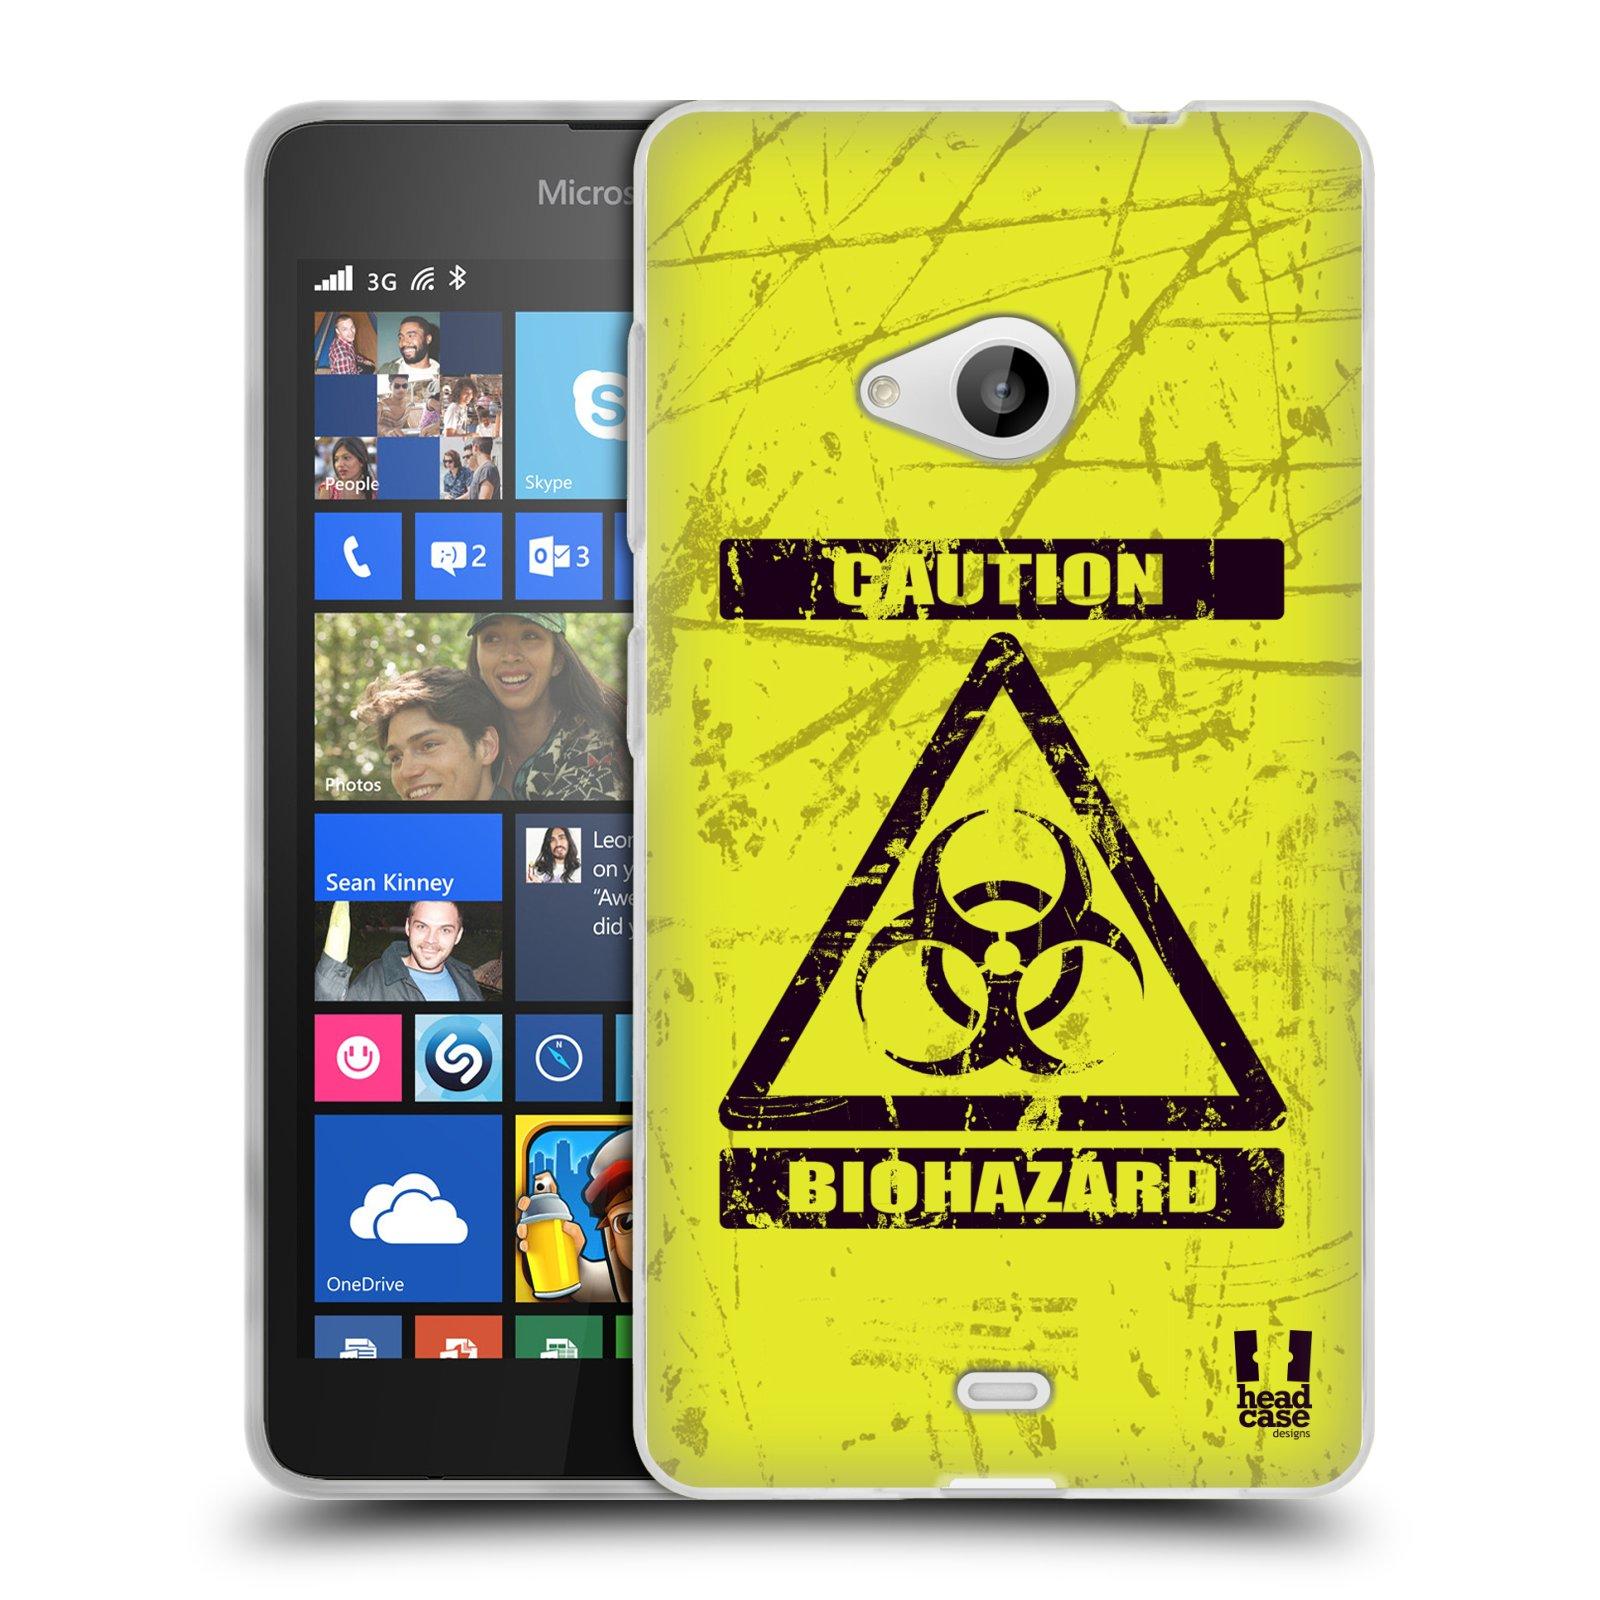 Silikonové pouzdro na mobil Microsoft Lumia 535 HEAD CASE BIOHAZARD (Silikonový kryt či obal na mobilní telefon Microsoft Lumia 535)